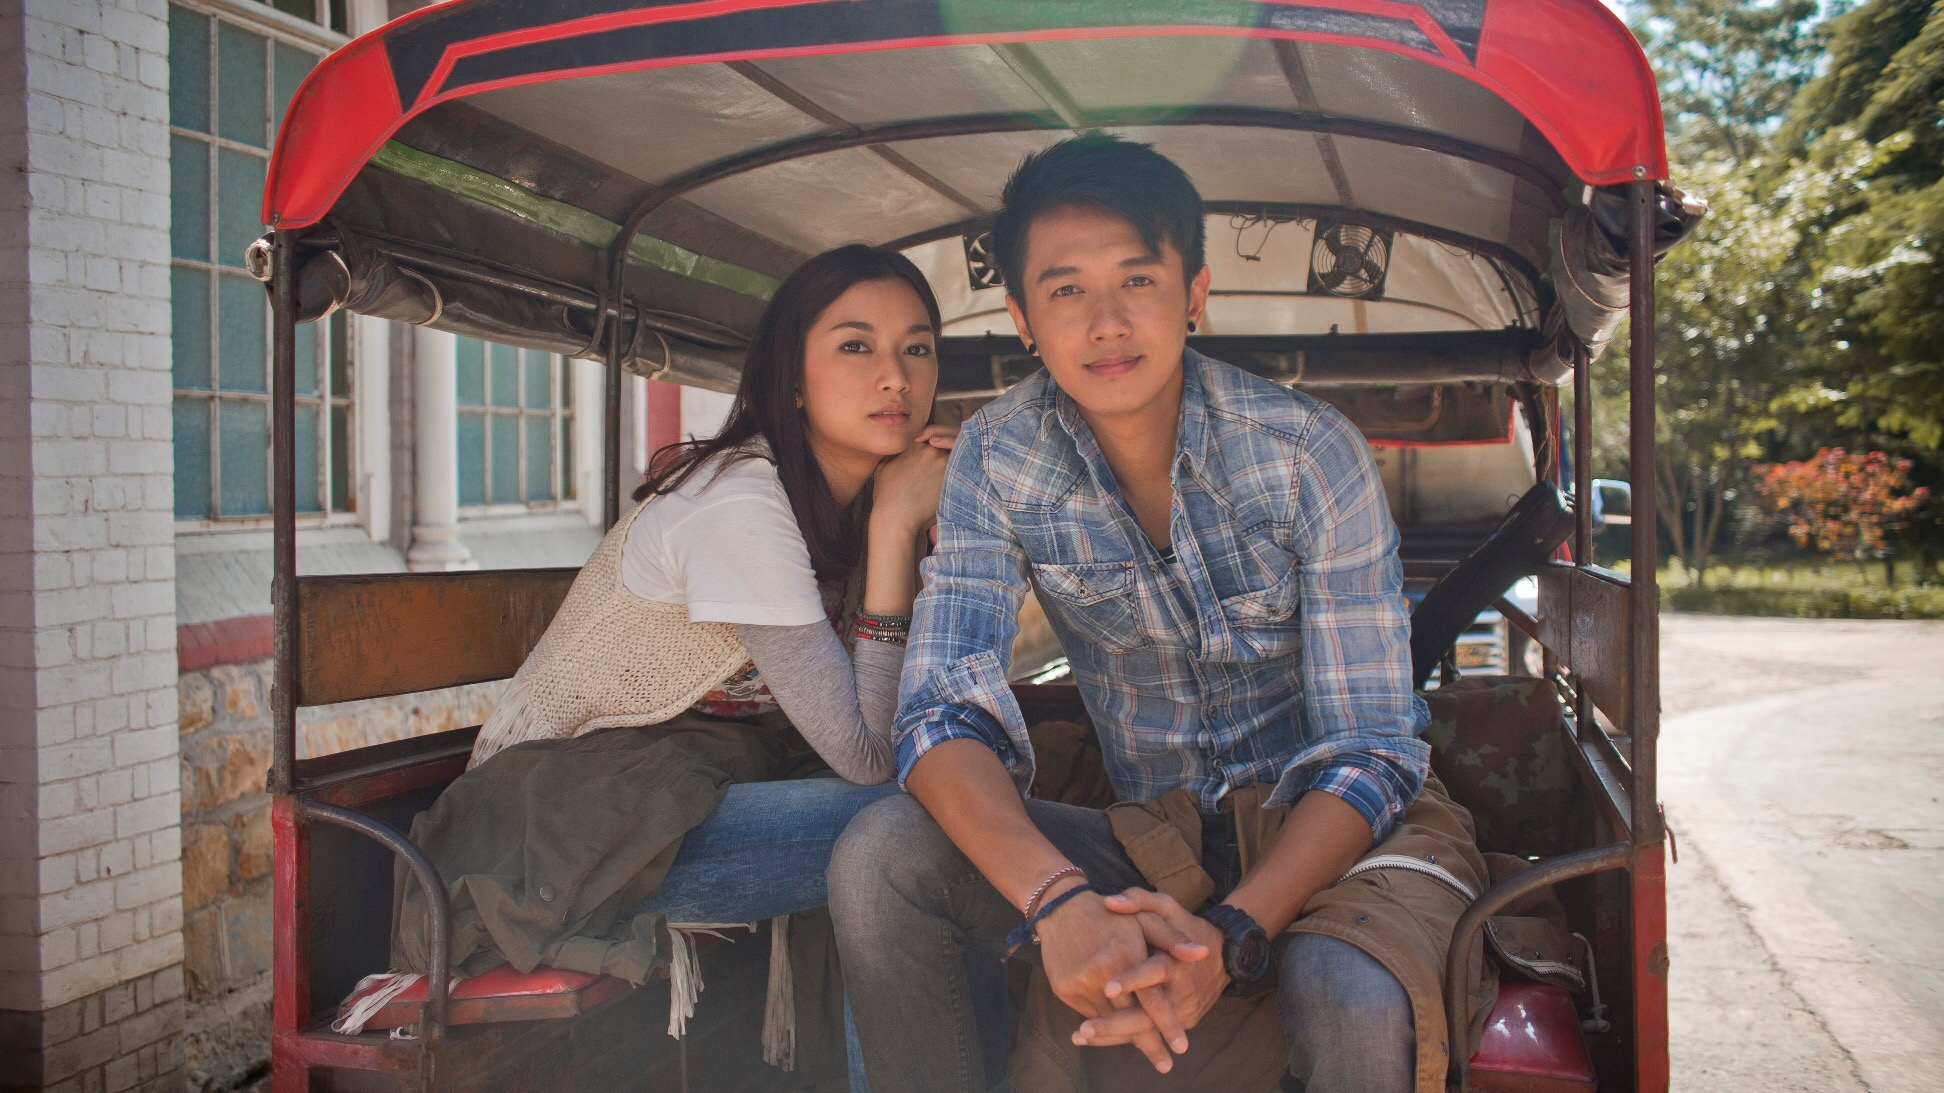 """ป๊อบสตาร์ชาวพม่า """"ไซ ไซ คำ แลง"""" สุดแฮปปี้ร่วมโปรเจ็กต์หนังสานสัมพันธ์ไทย-พม่า""""ถึงคน..ไม่คิดถึง From Bangkok To Mandalay"""""""